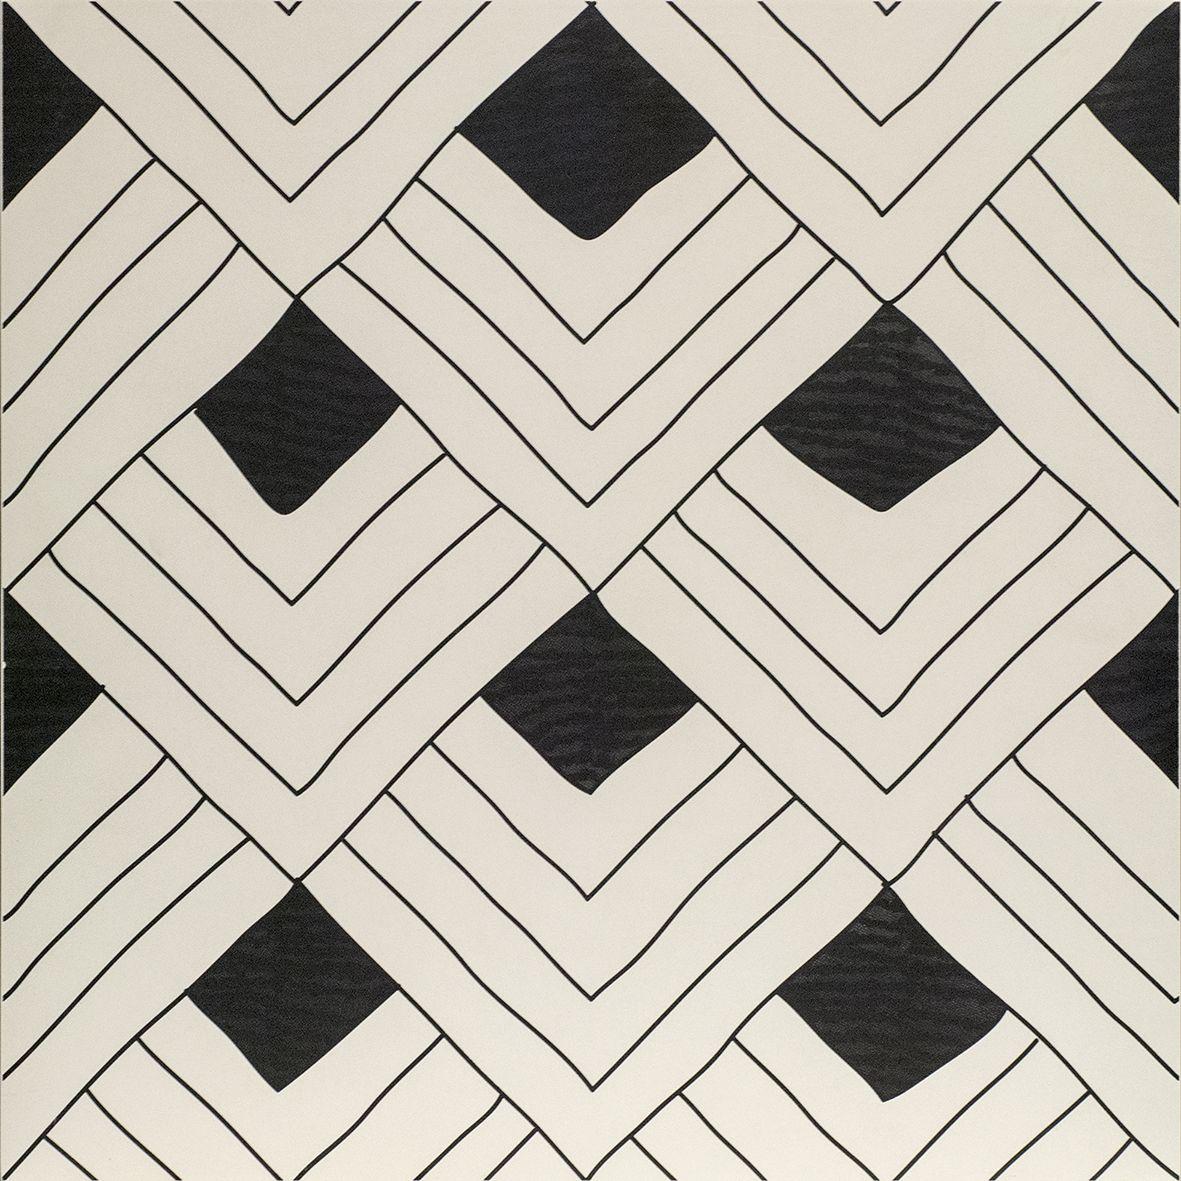 Frise Murale Damier Noir Et Blanc carrelage tangle d'ornamenta gamma due. noir et blanc façon